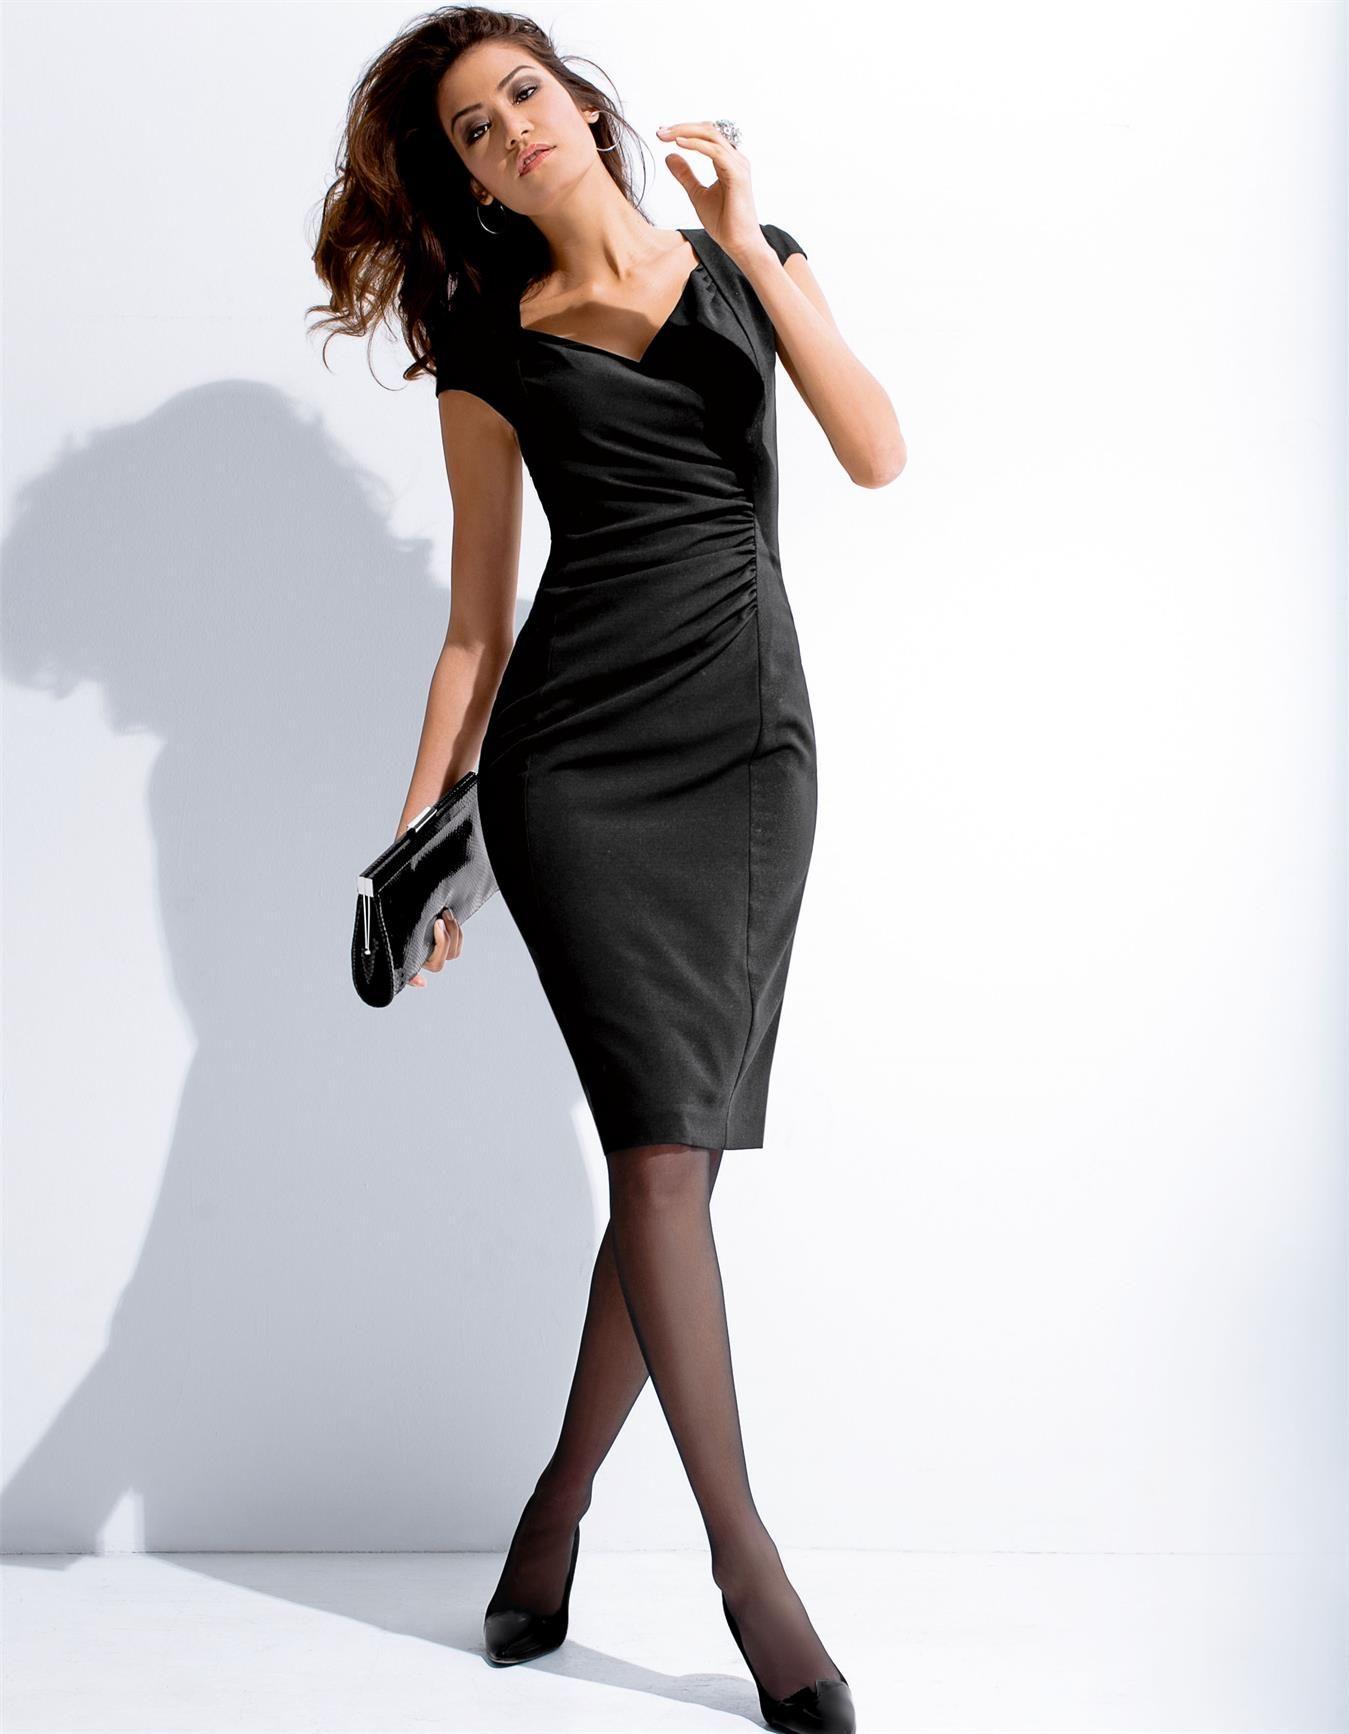 Kleid mit Raff-Effekt - MADELEINE Mode  Dresses, Fashion dresses